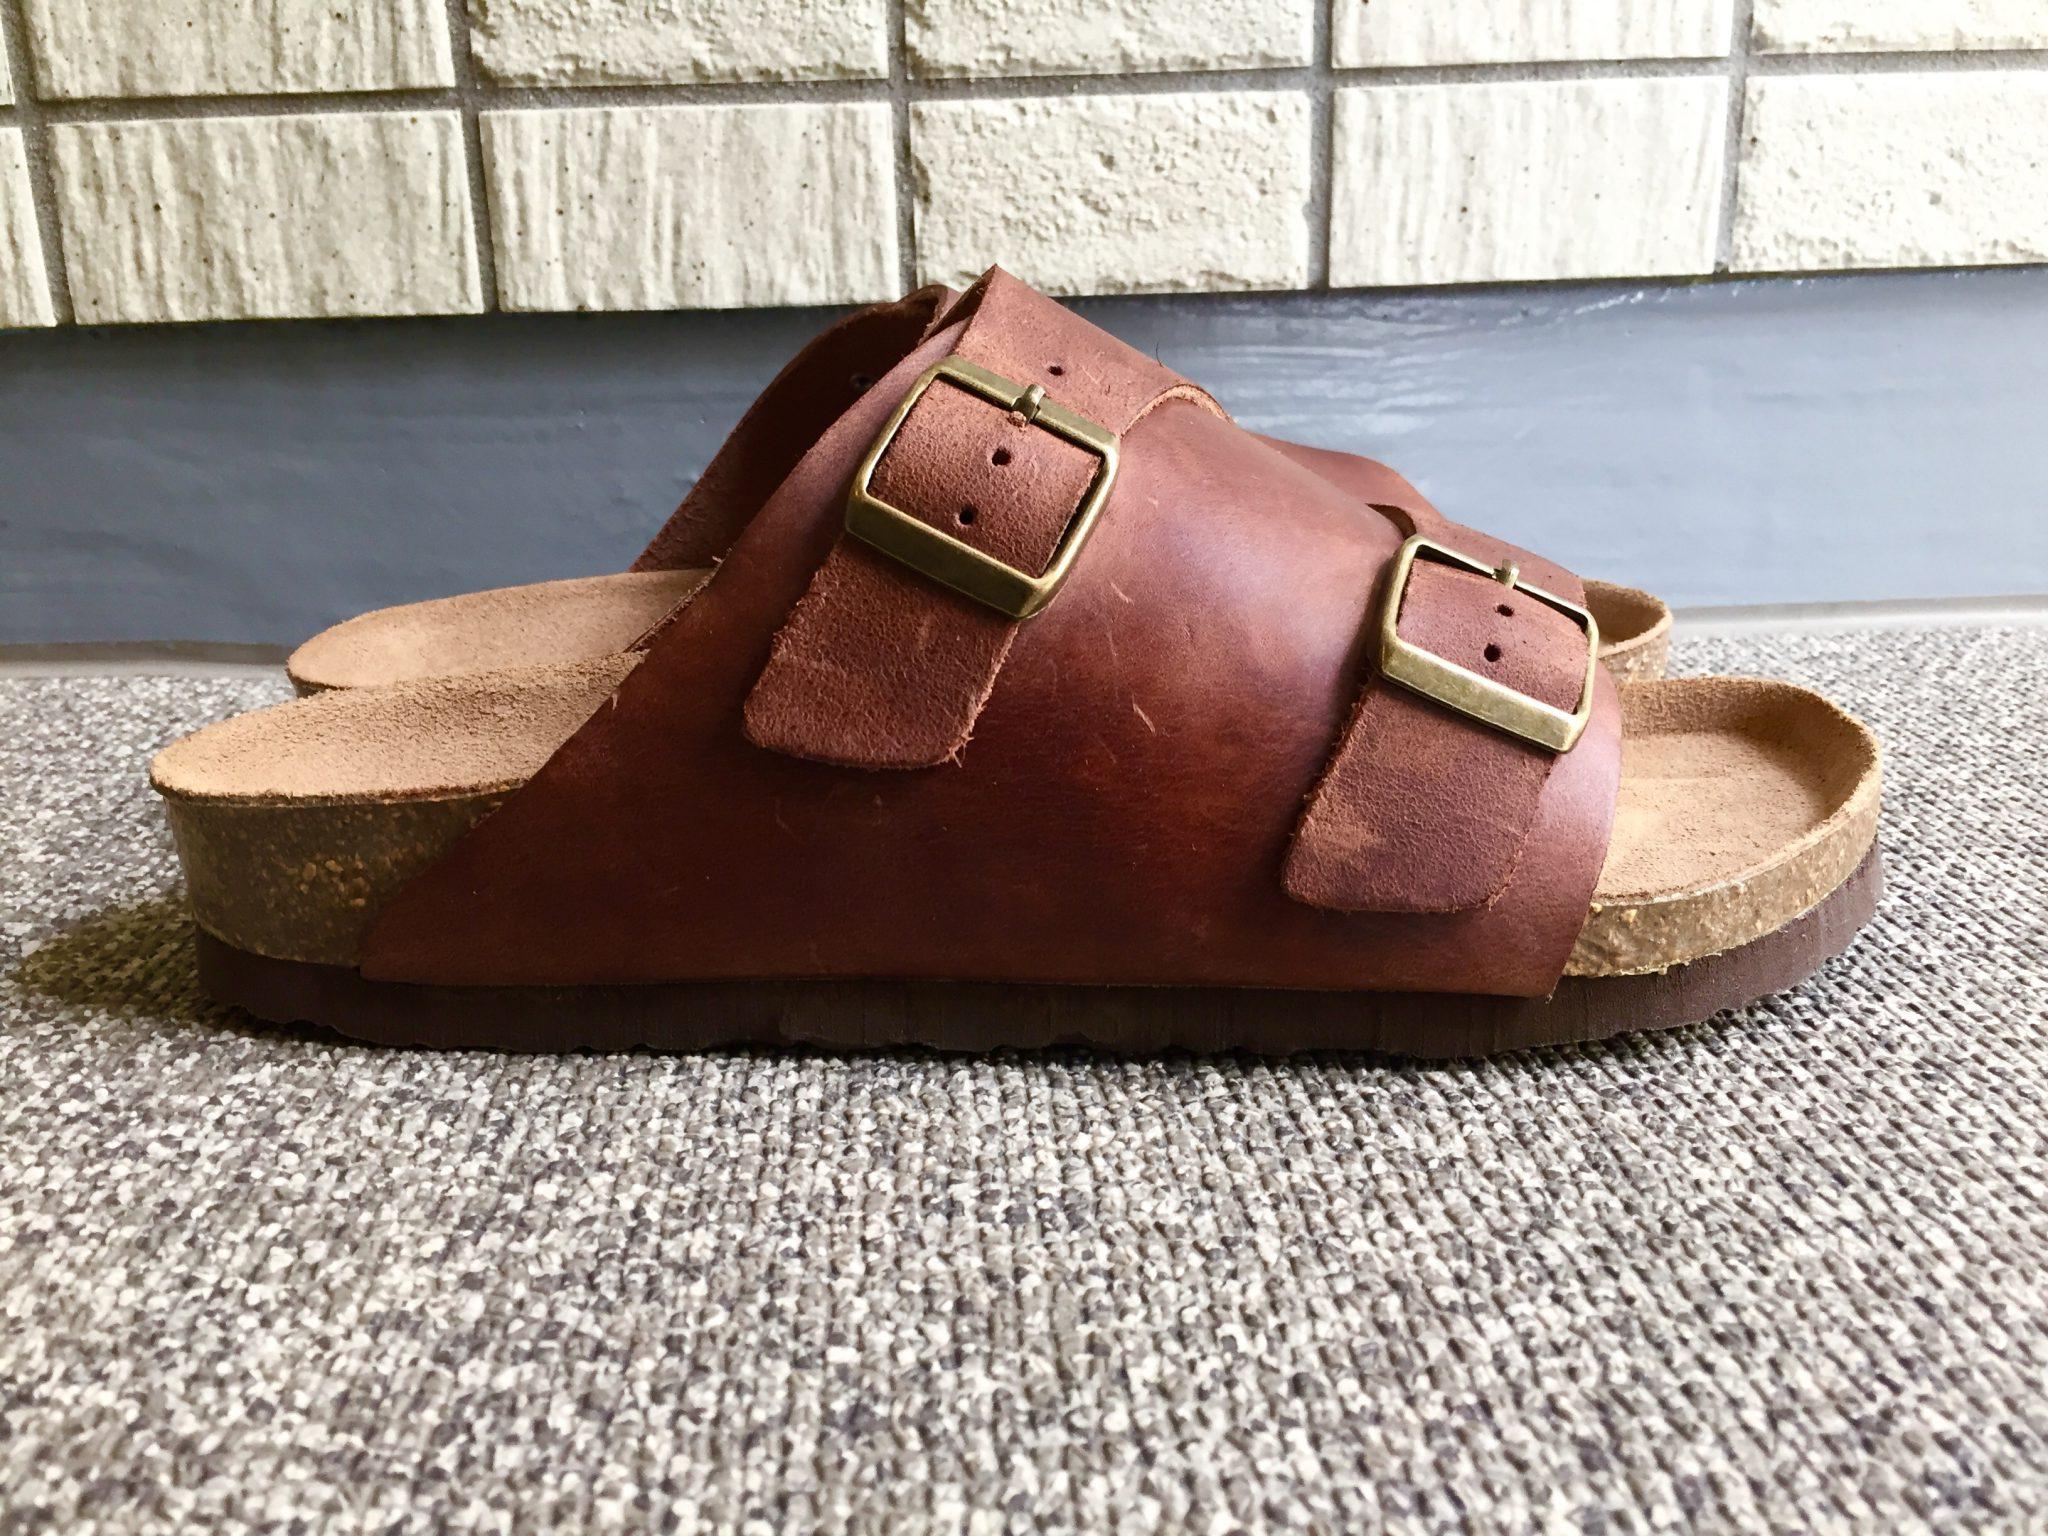 Palm Tree(パームツリー)レザーサンダル|革靴好きが満足できるエイジング(経年変化)が期待できる夏の履物